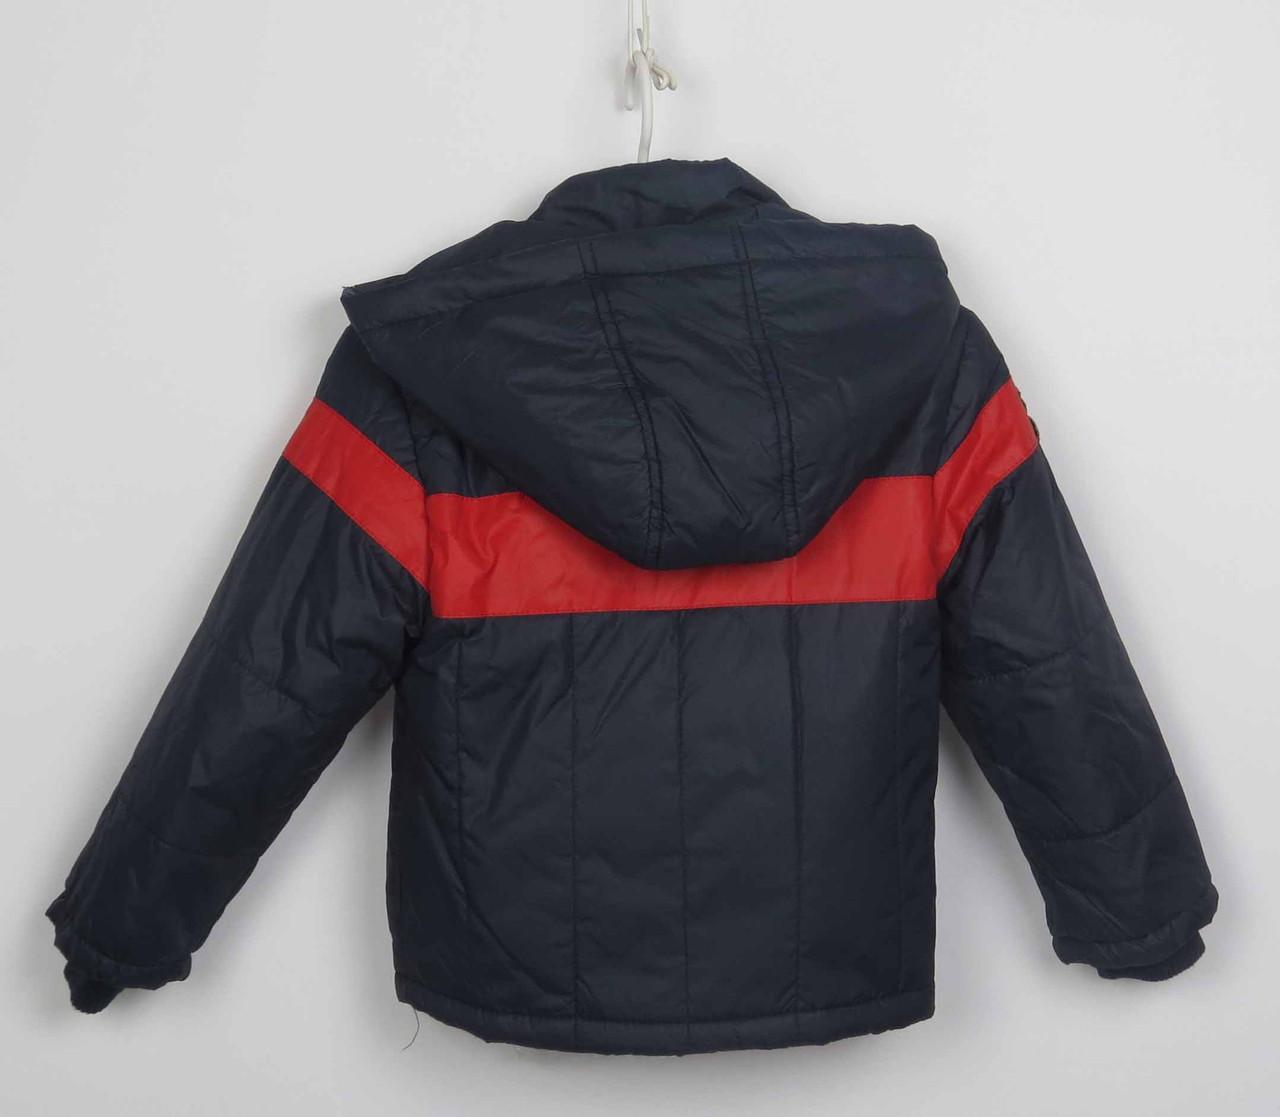 Куртка весна-осень,код italy, размеры рост 92 см - 116 см, размеры 2-5 лет, фото 2